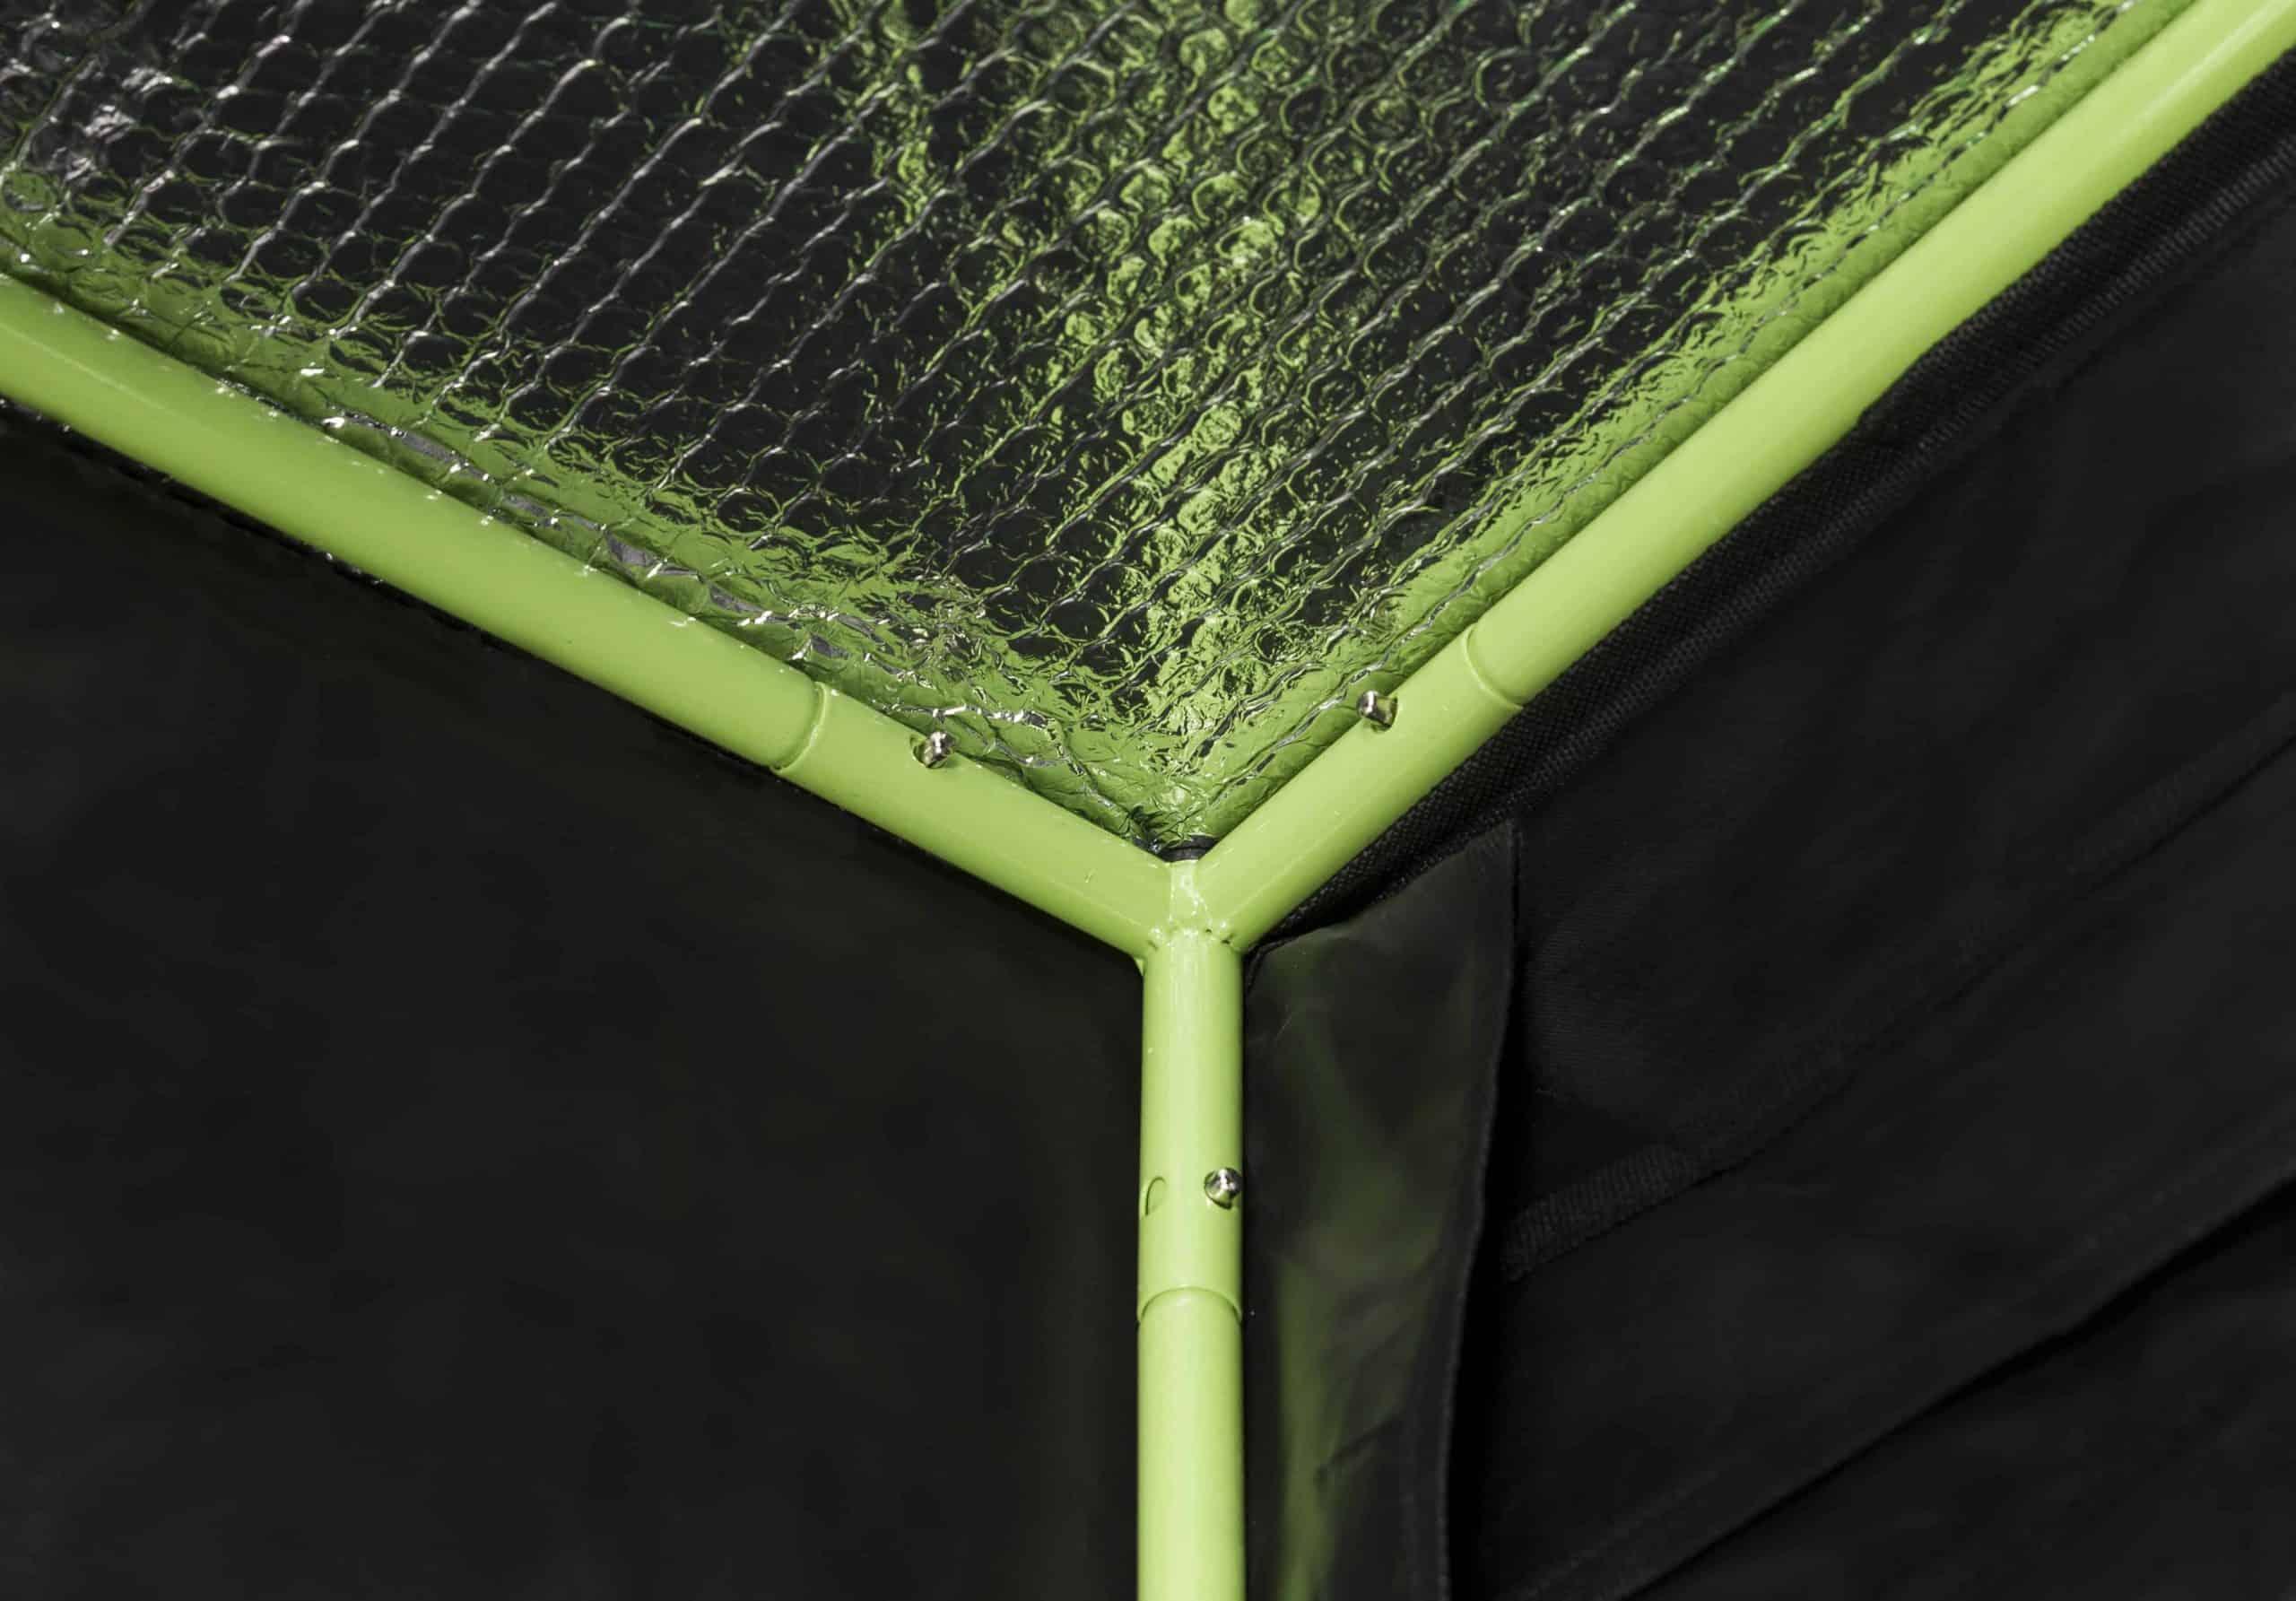 X Qube grow tent - interior